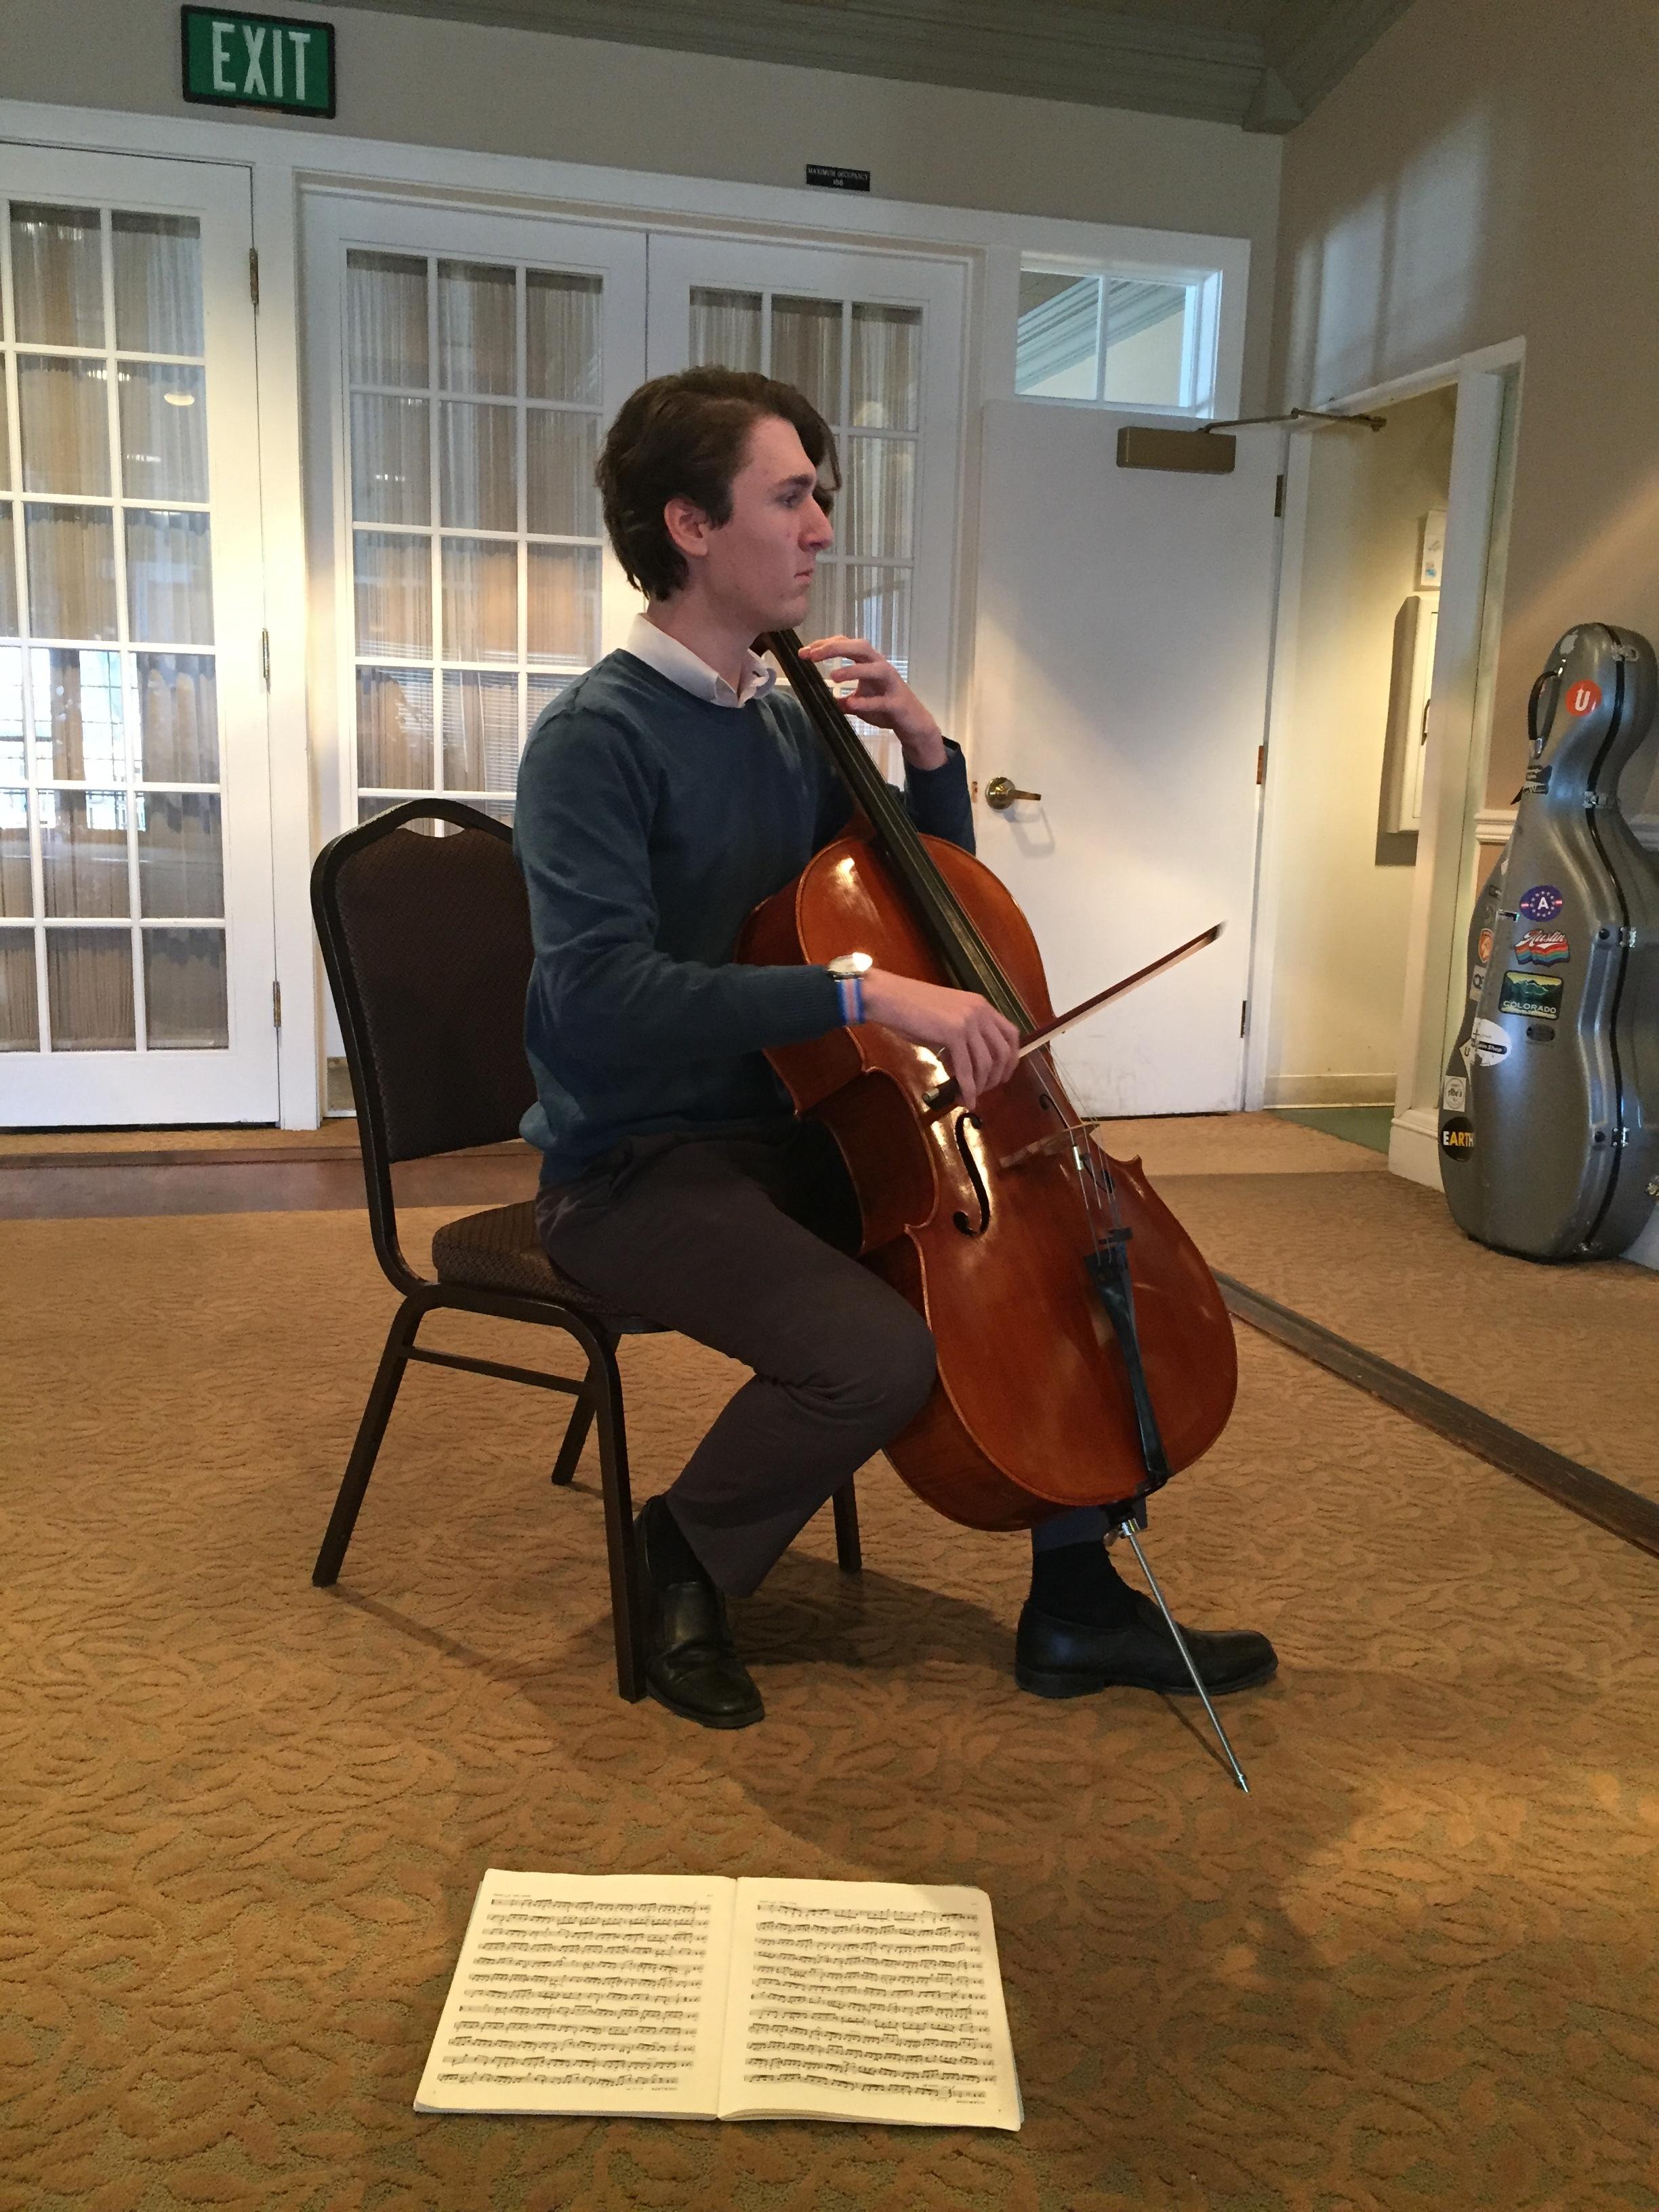 Alex Smith providing cello music during our social time.